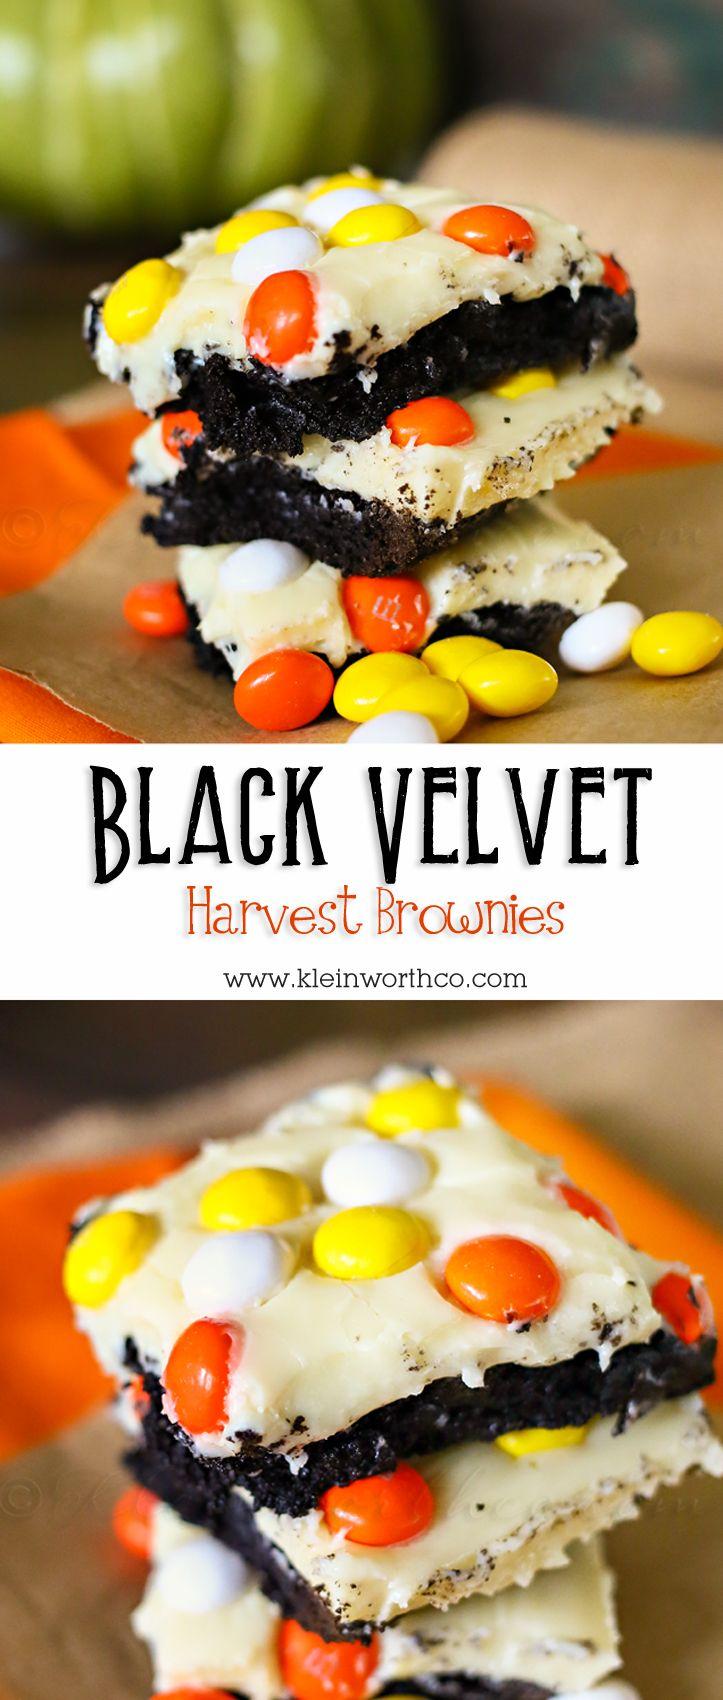 Black Velvet Harvest Brownies